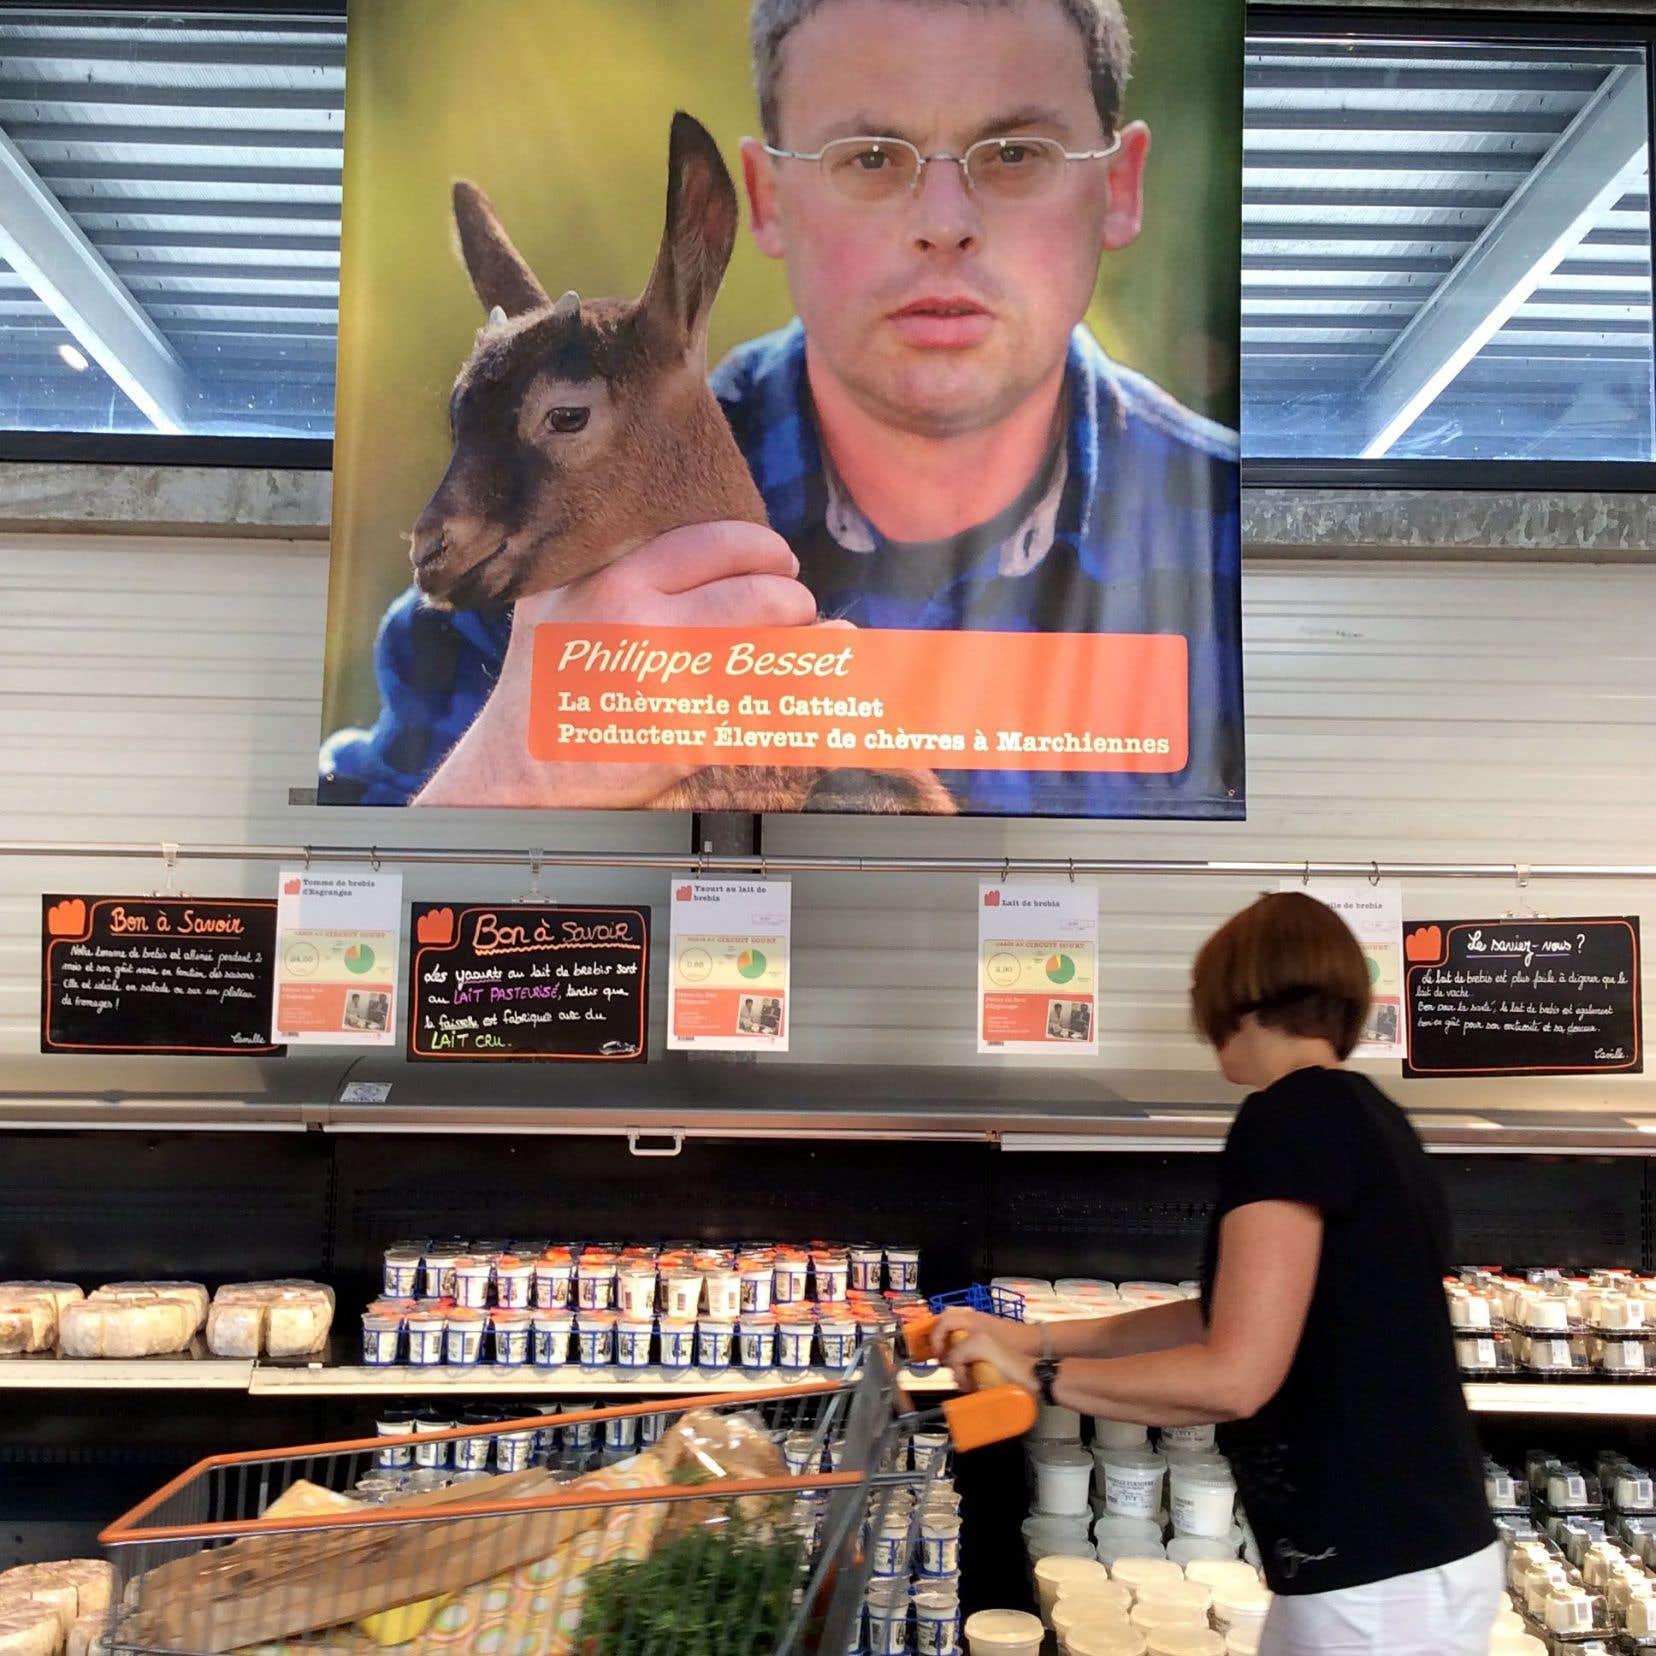 La question de savoir d'où proviennent les aliments est devenue une préoccupation importante. L'idée du «circuit court» est de fournir le plus d'informations possible aux consommateurs.